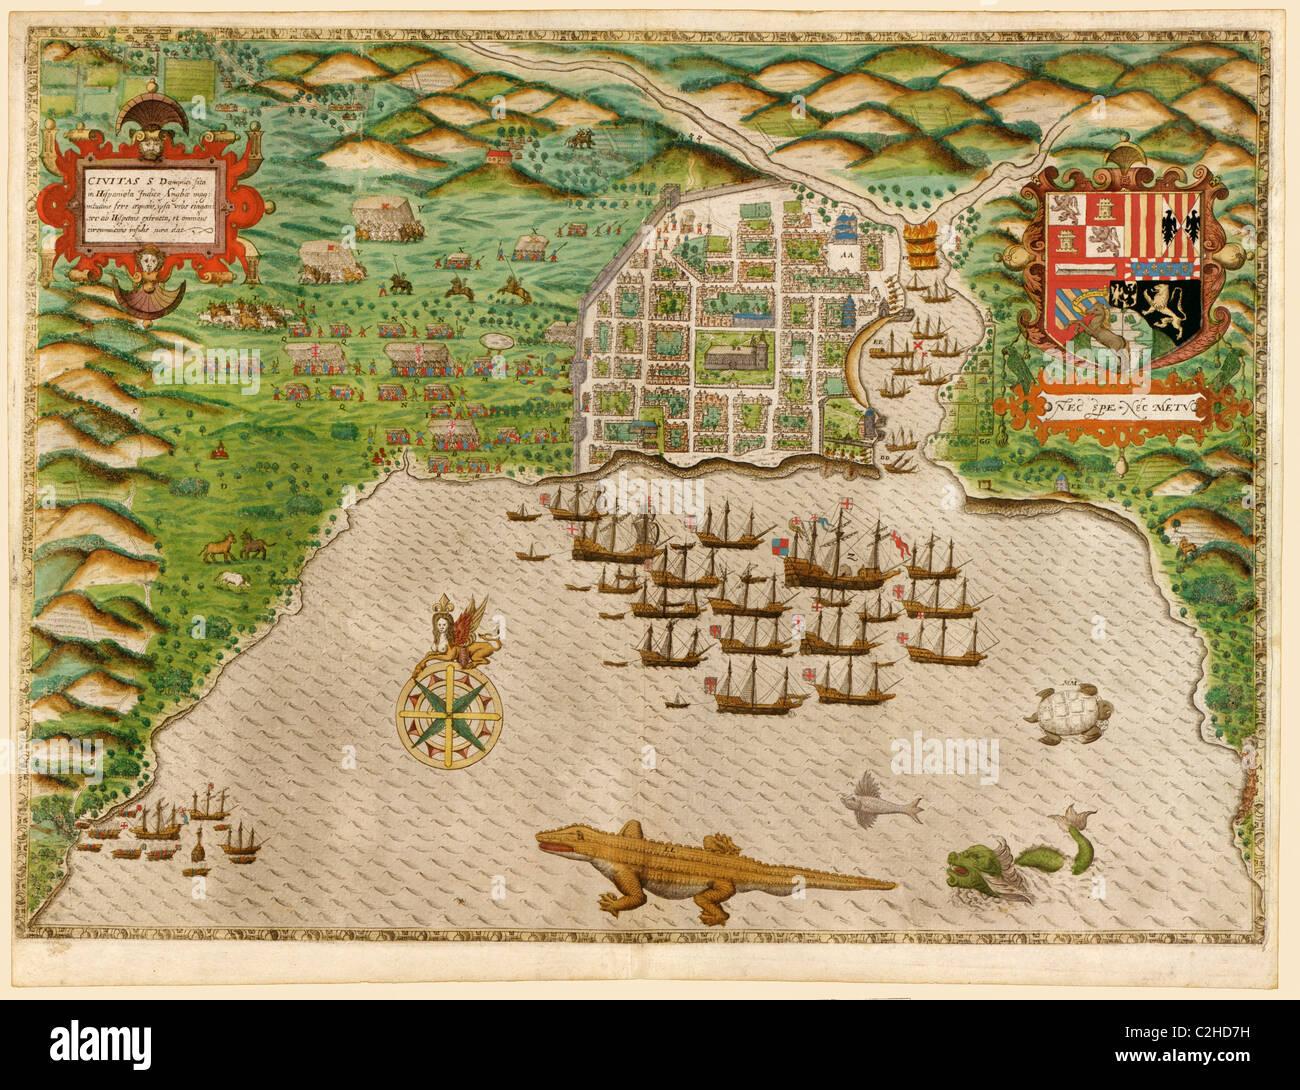 Voyages of Sir Francis Drake 1589 - Stock Image